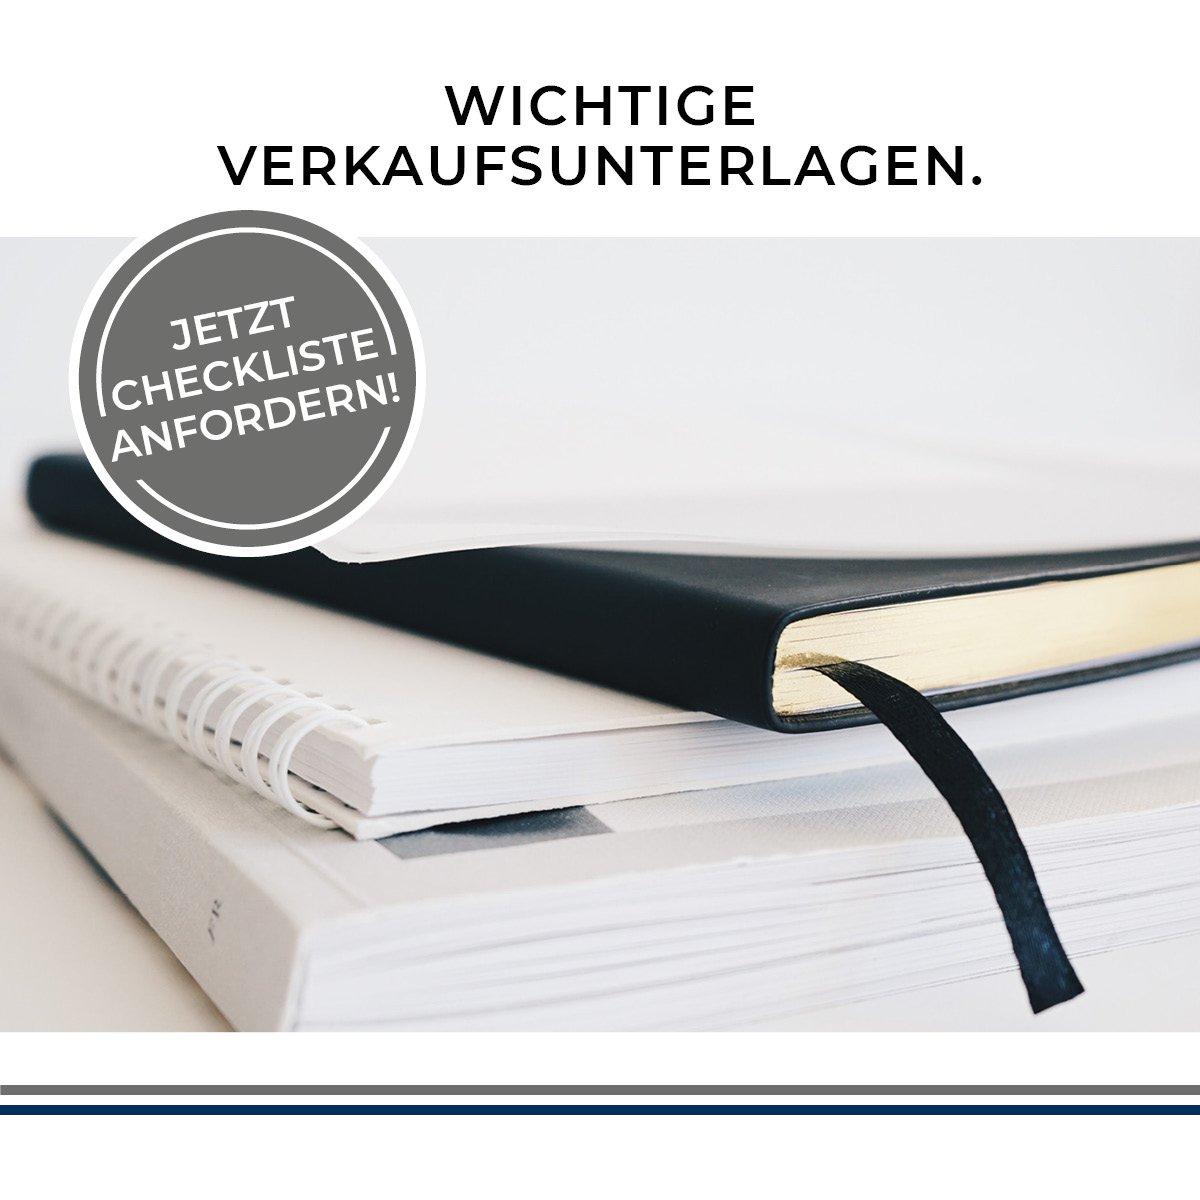 Wichtige Verkaufsunterlagen einer Immobilie in Minden, Porta Westfalica, Lübbecke, Bielefeld